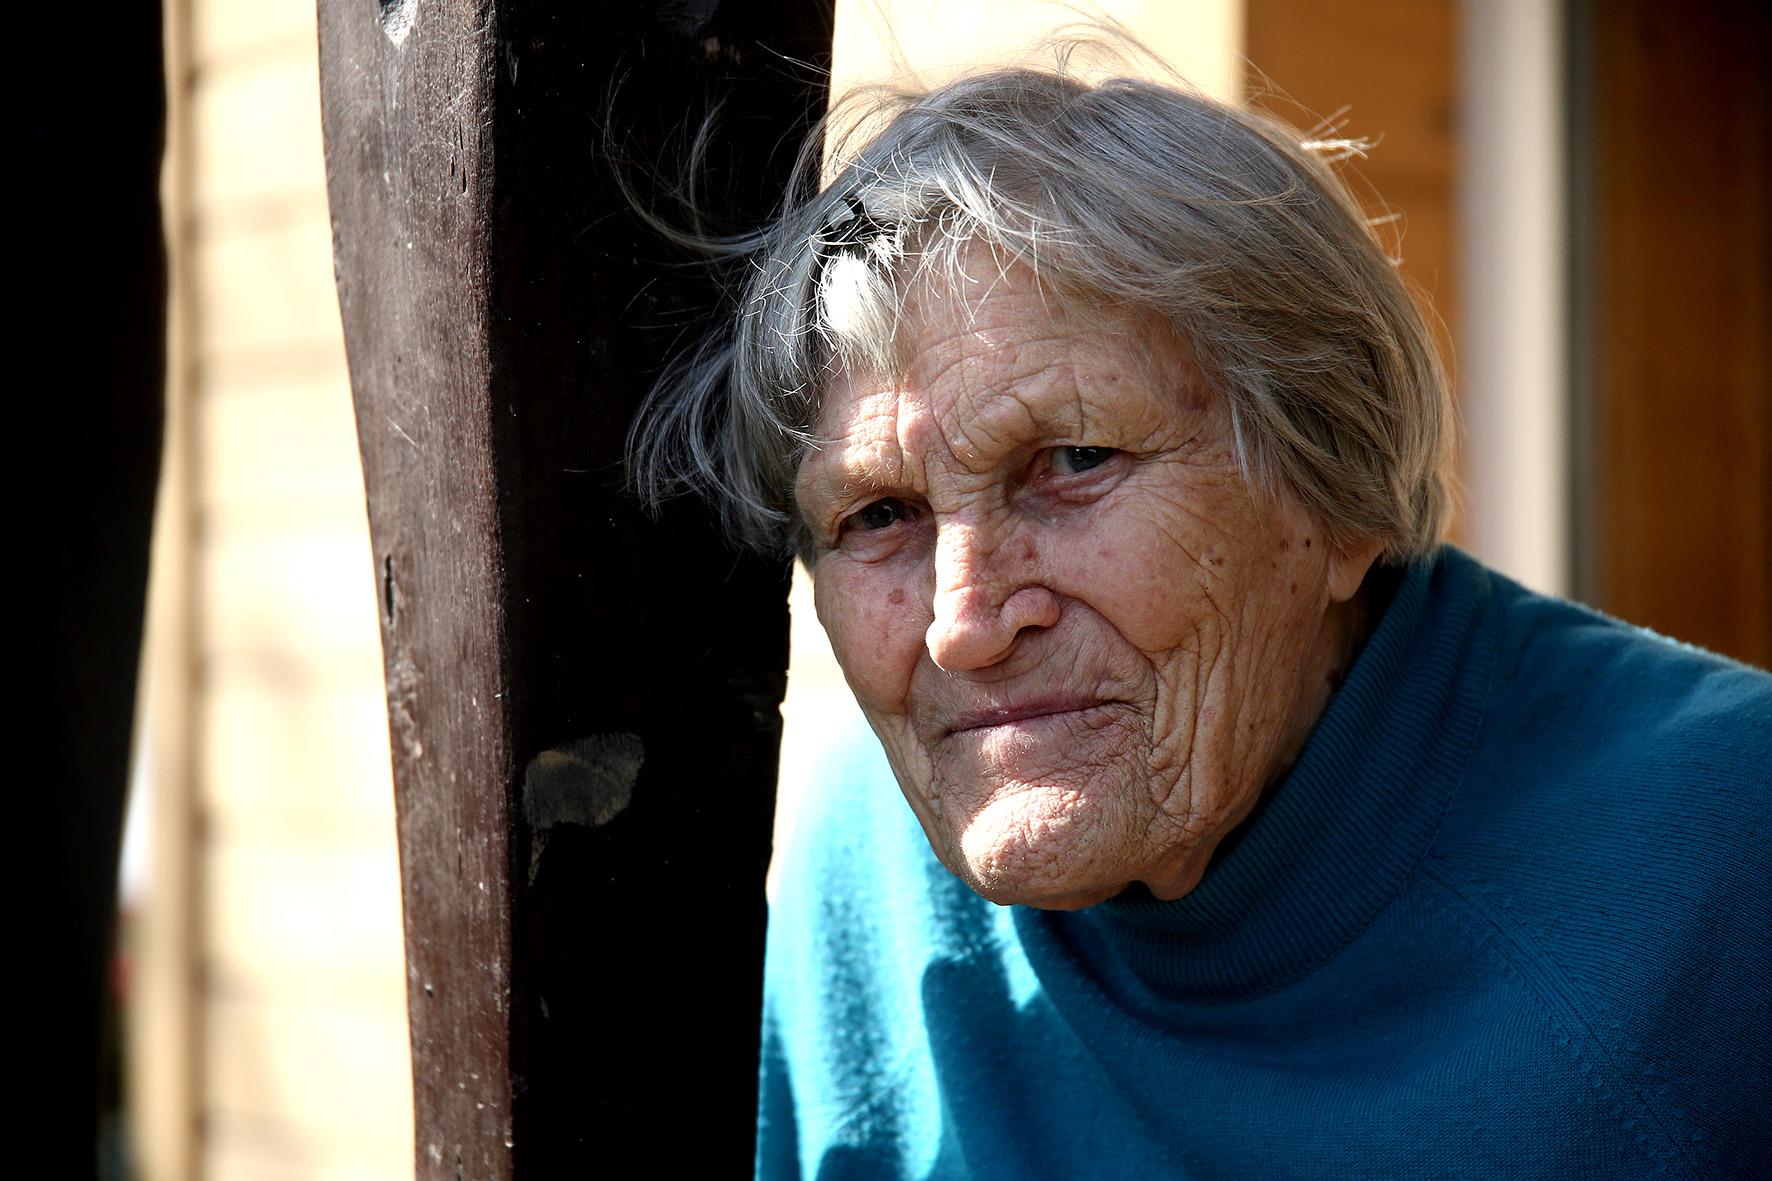 Netrukus duris mums praveria šios gražios trobos šeimininkė ponia Genovaitė. Močiutė tvarkosi kiek tik gali, jai padeda ir vaikai, ir anūkai. A. Barzdžiaus nuotr.